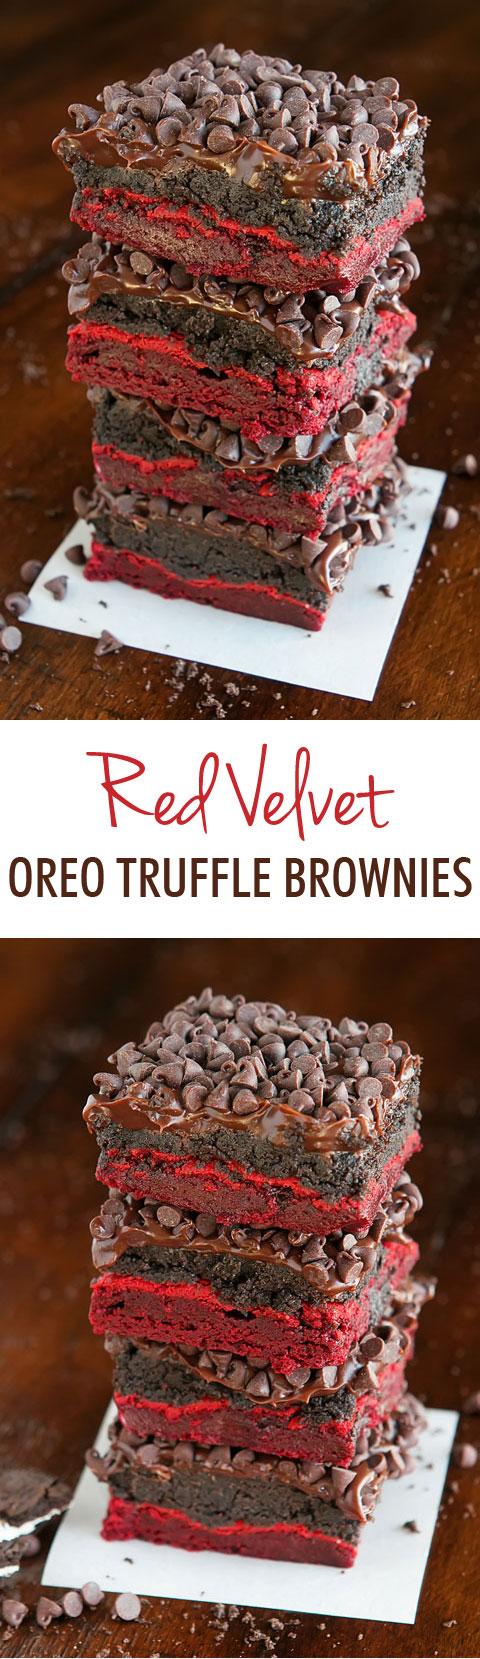 Red Velvet Brownies — The BEST Red Velvet Cake Mix Brownies Ever!!